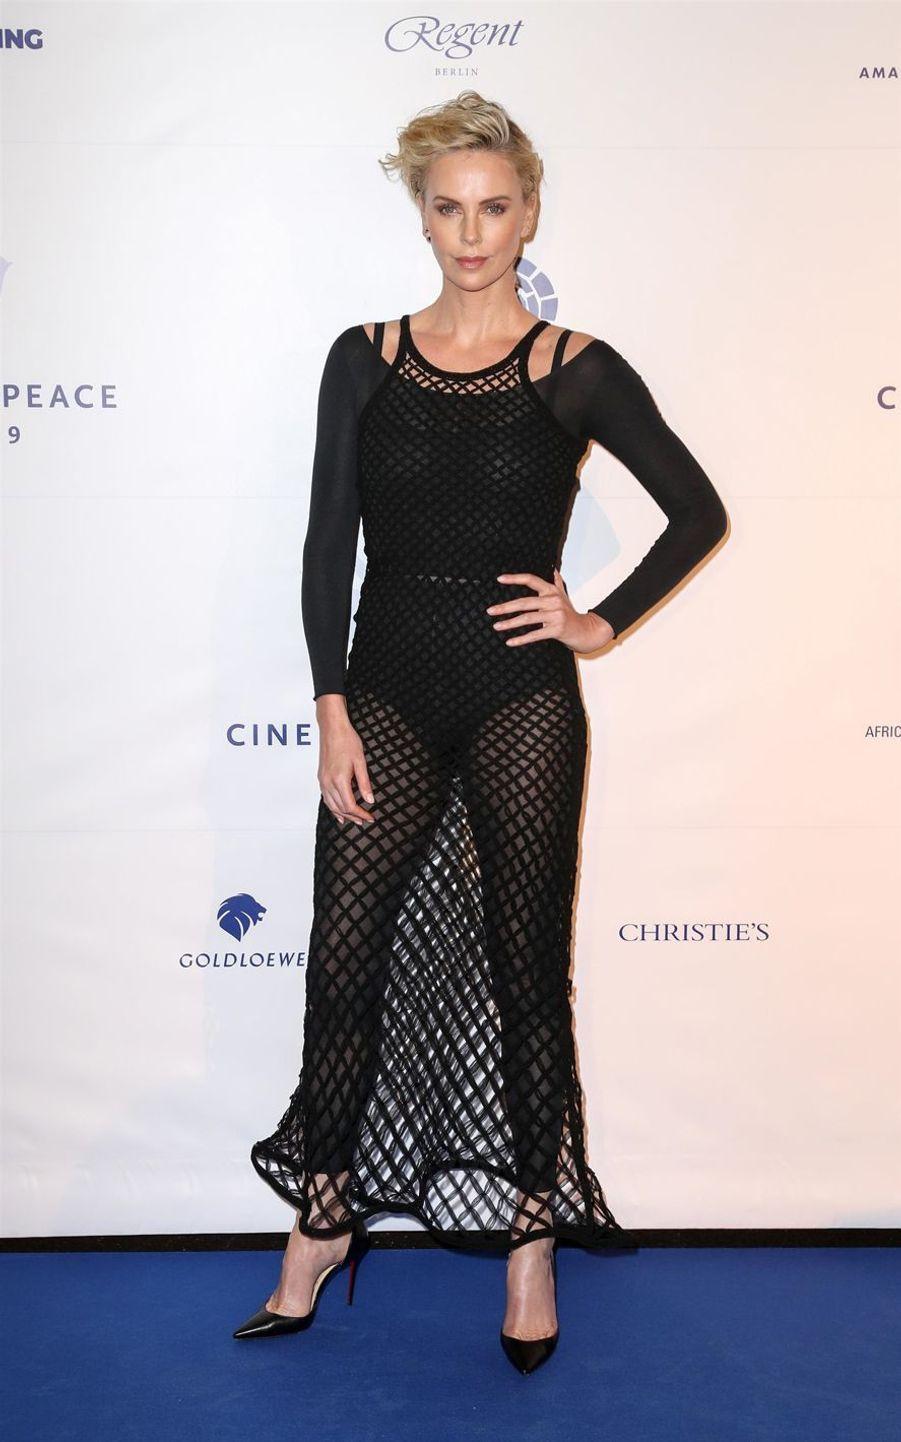 Charlize Theron à la soirée Cinema for Peace au China Club à Berlin, le 10 février 2019